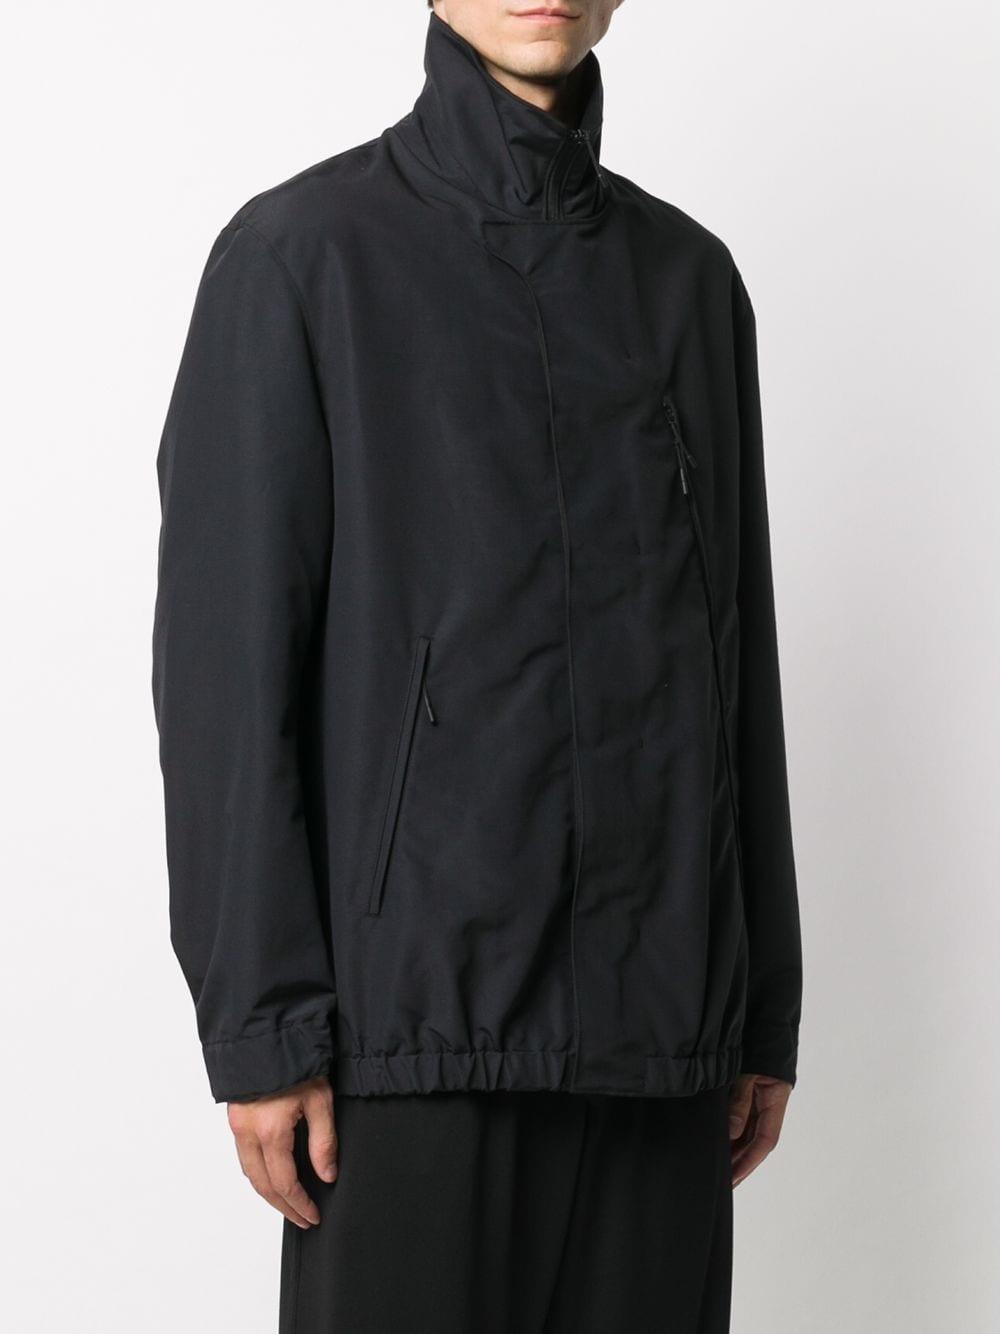 Y-3 giacca sportiva a collo alto uomo nero Y-3 | Giacche | GK4561BLACK